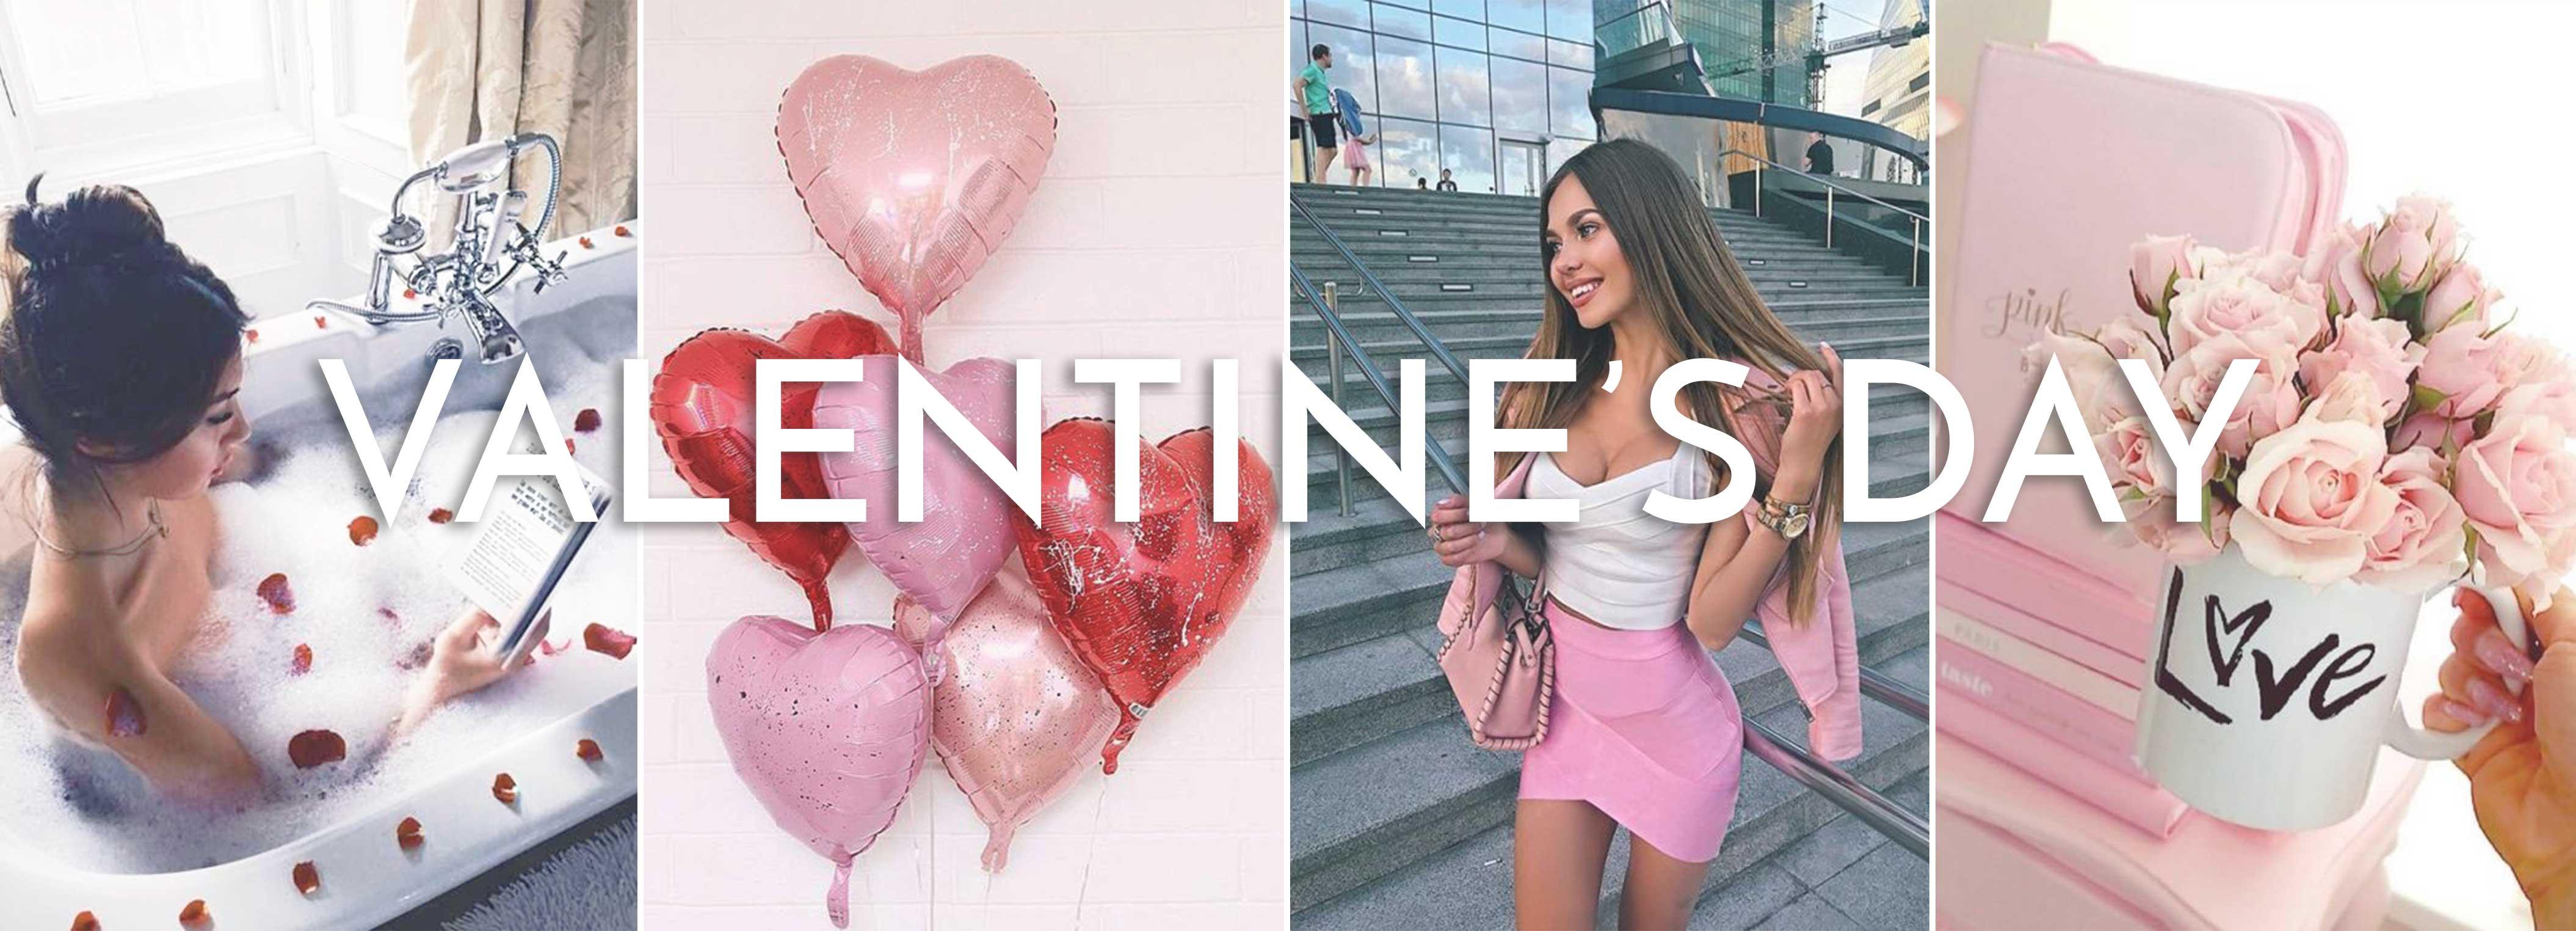 Valentine's specials